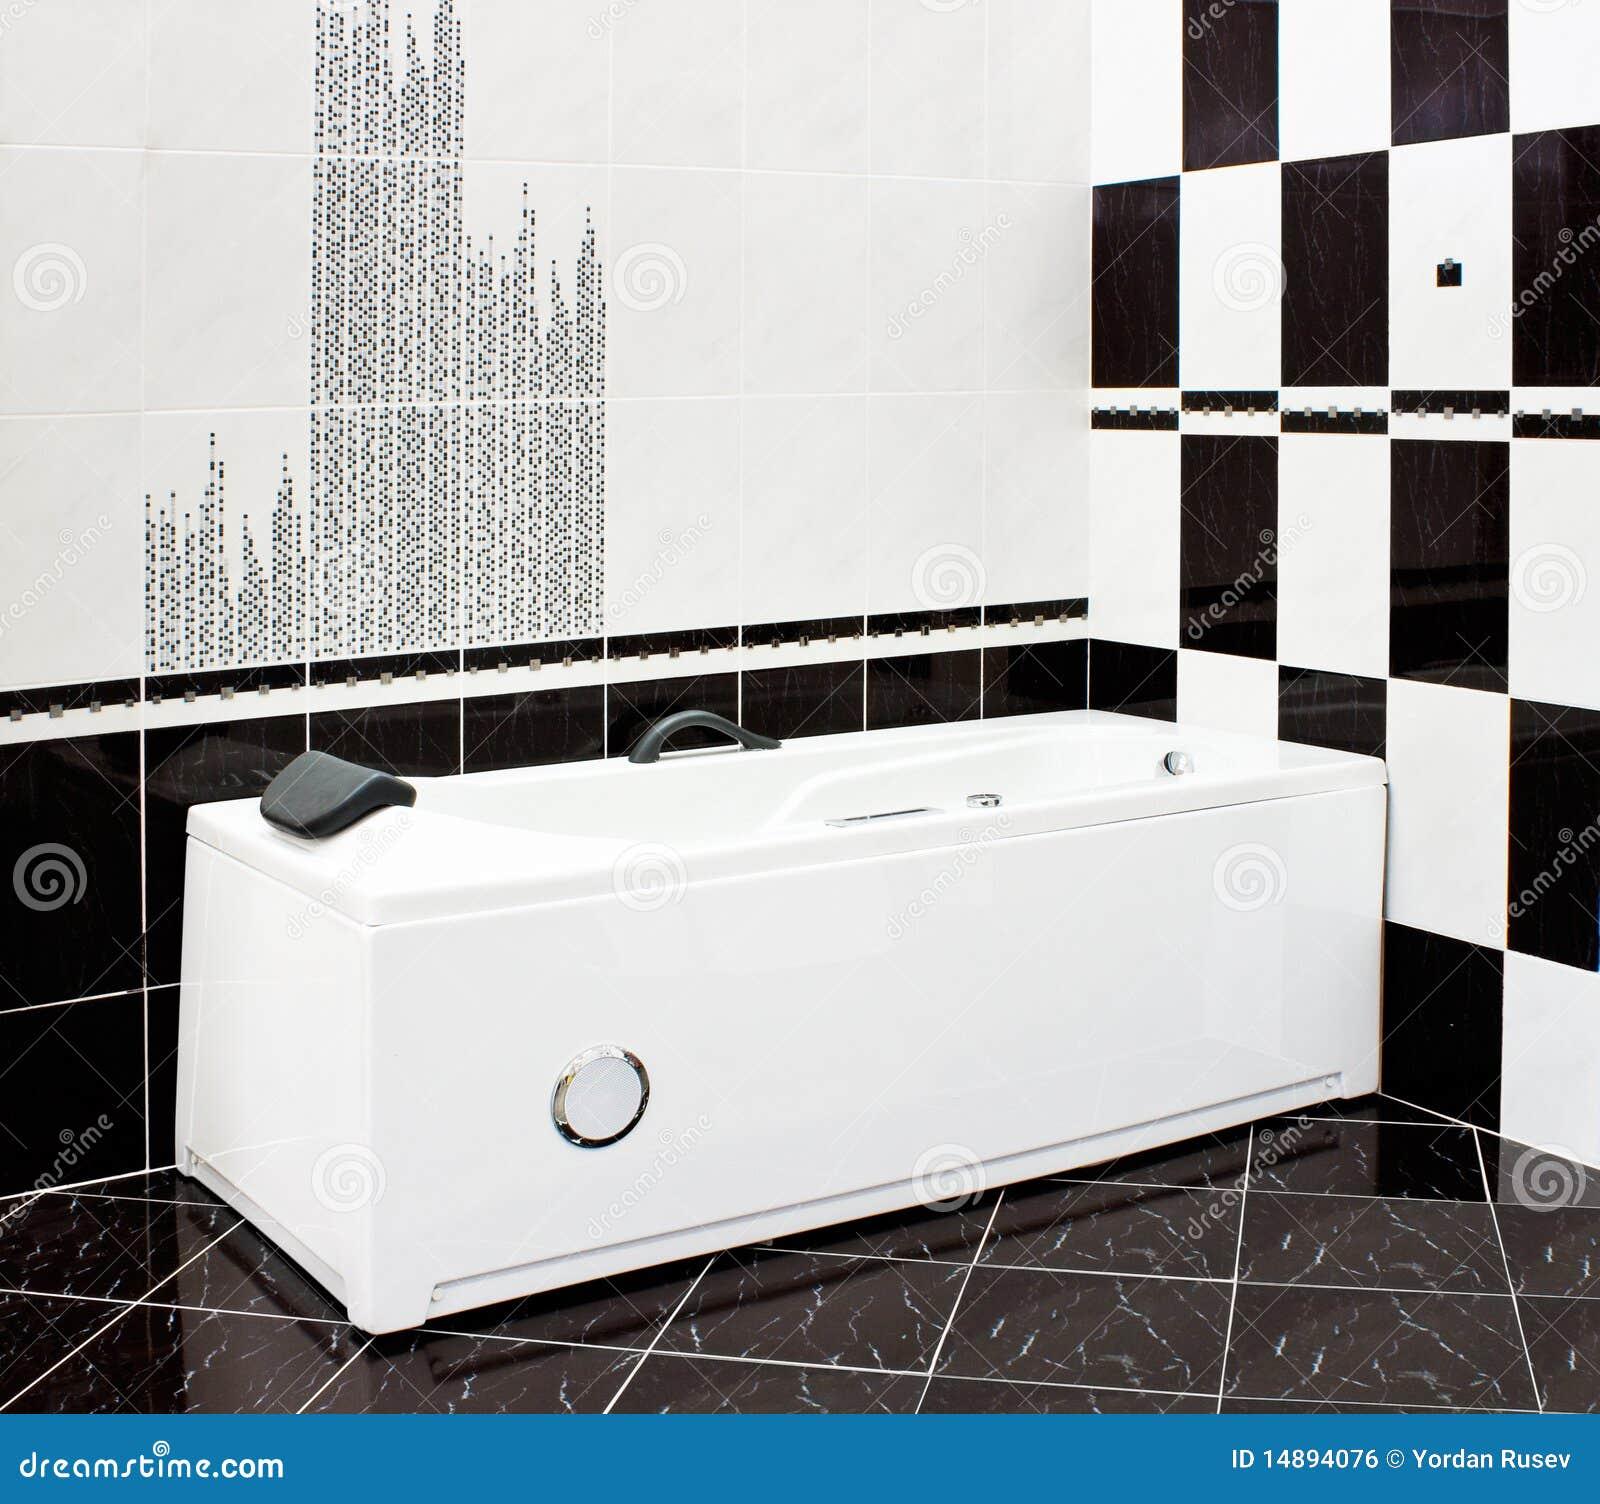 Banheiro Com Banheira Imagem de Stock Royalty Free Imagem: 14894076 #82A229 1300x1239 Banheiro Banheira